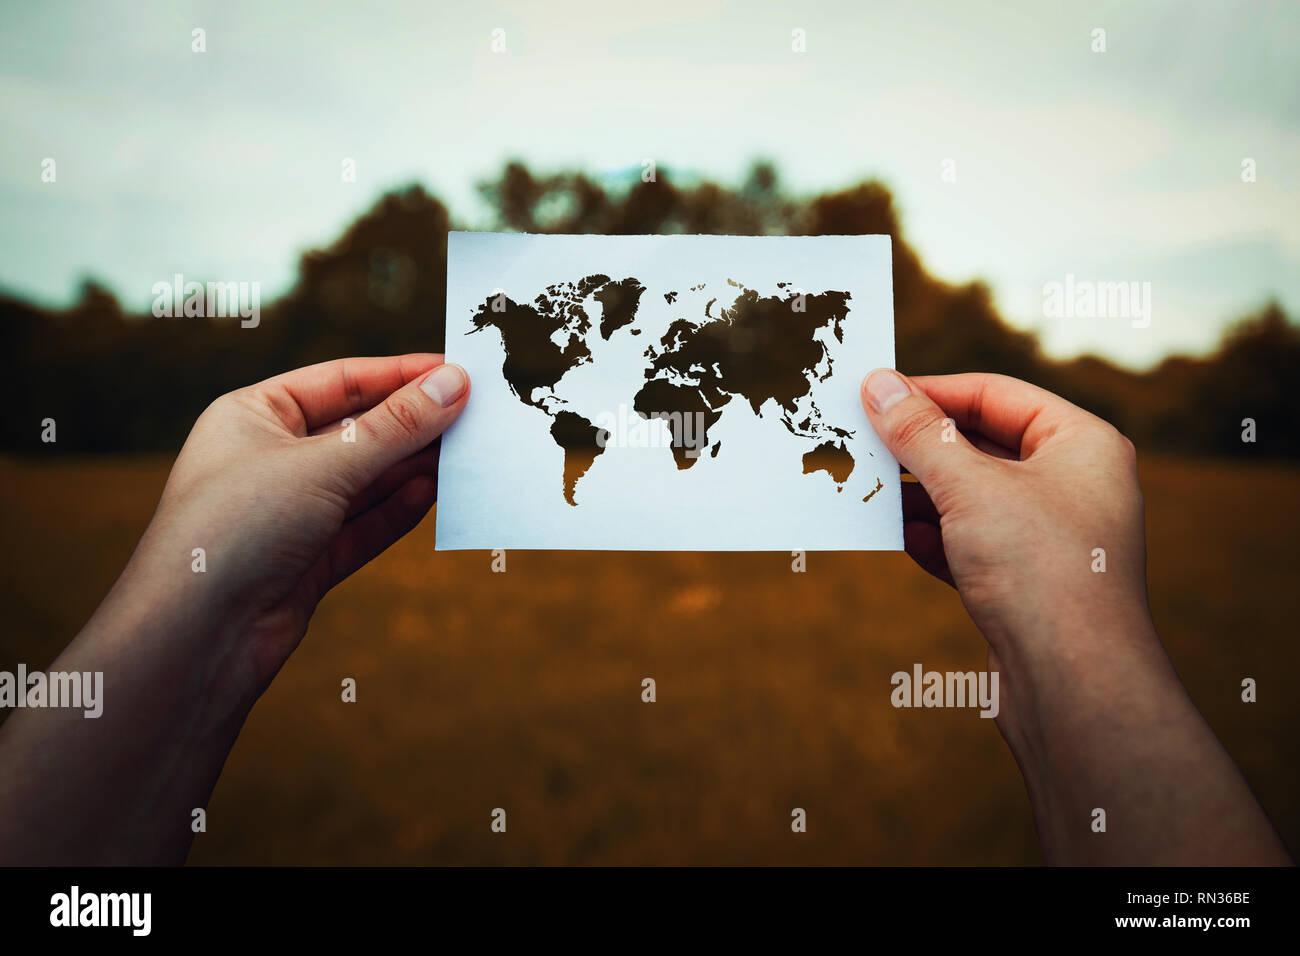 Problema del cambio climático, la destrucción de la naturaleza concepto. Derechos manos sosteniendo una hoja de papel con el icono Mapa mundial sobre un campo de hierba seca de fondo. Global Imagen De Stock